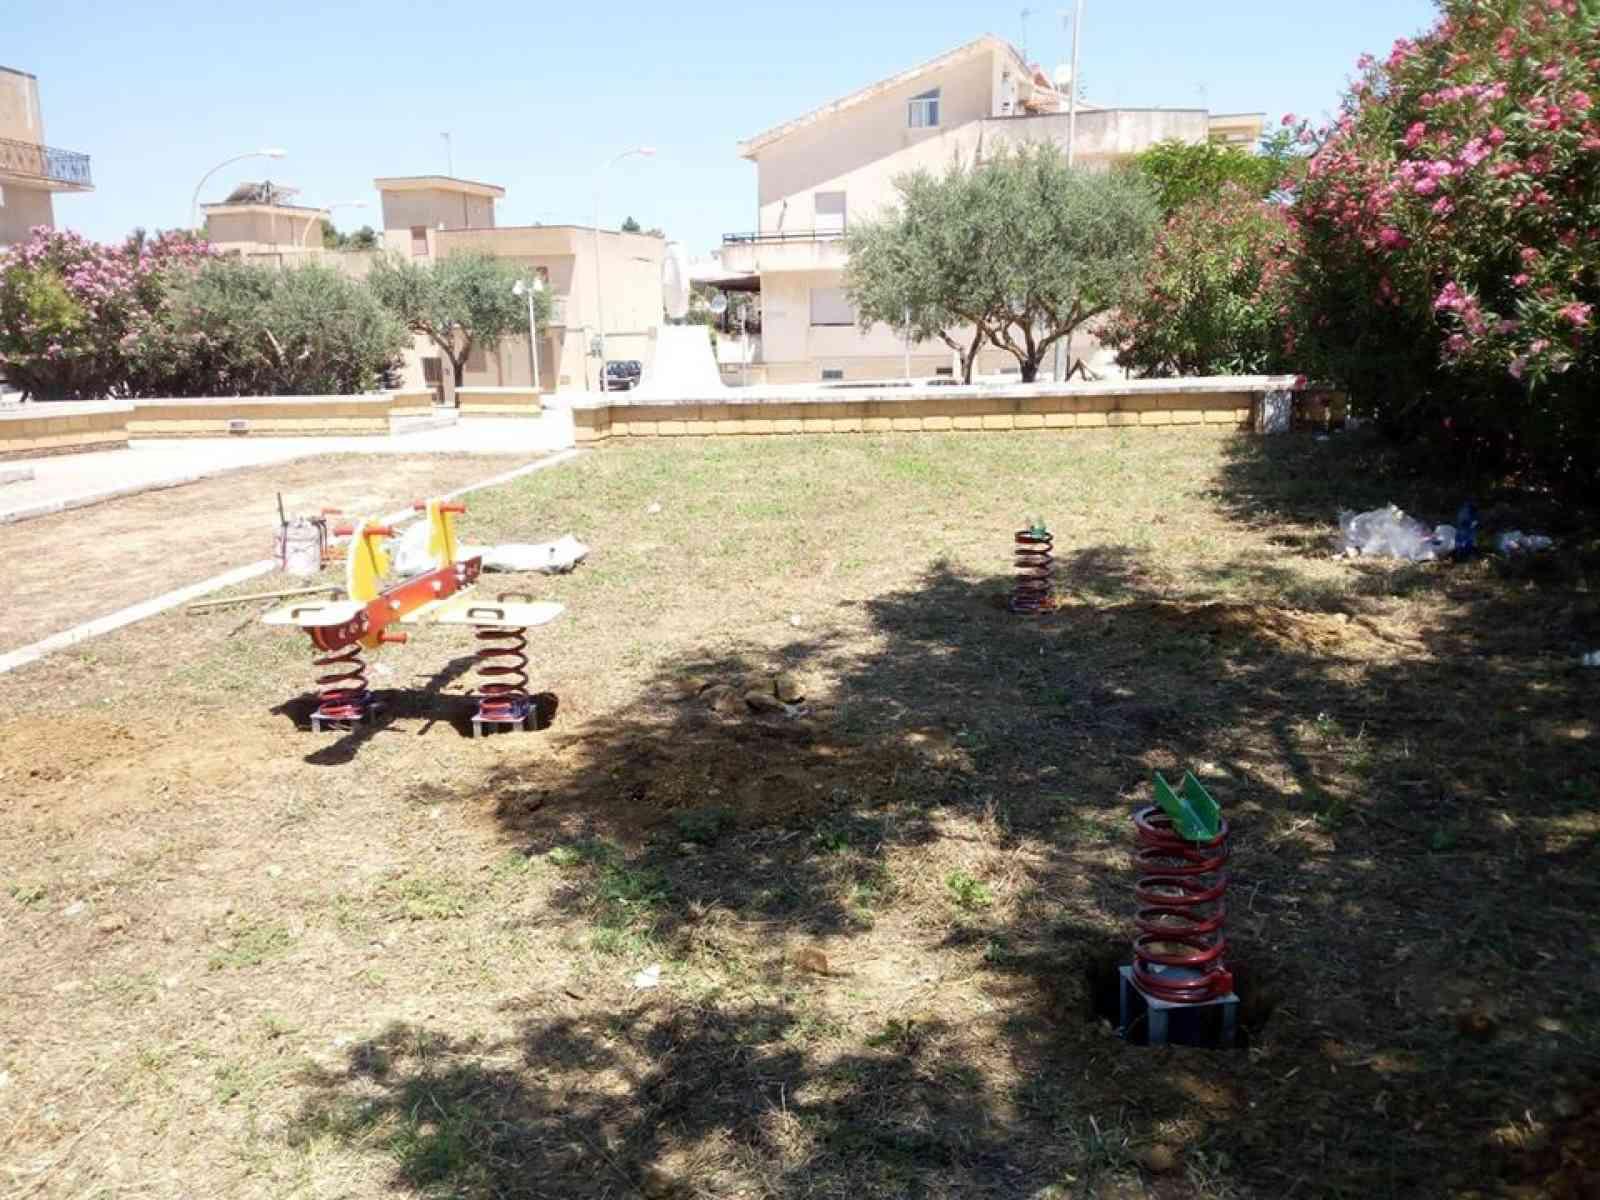 Immagine articolo: A Santa Margherita due nuovi parchi giochi. La soddisfazione del vicesindaco Giacomo Abruzzo